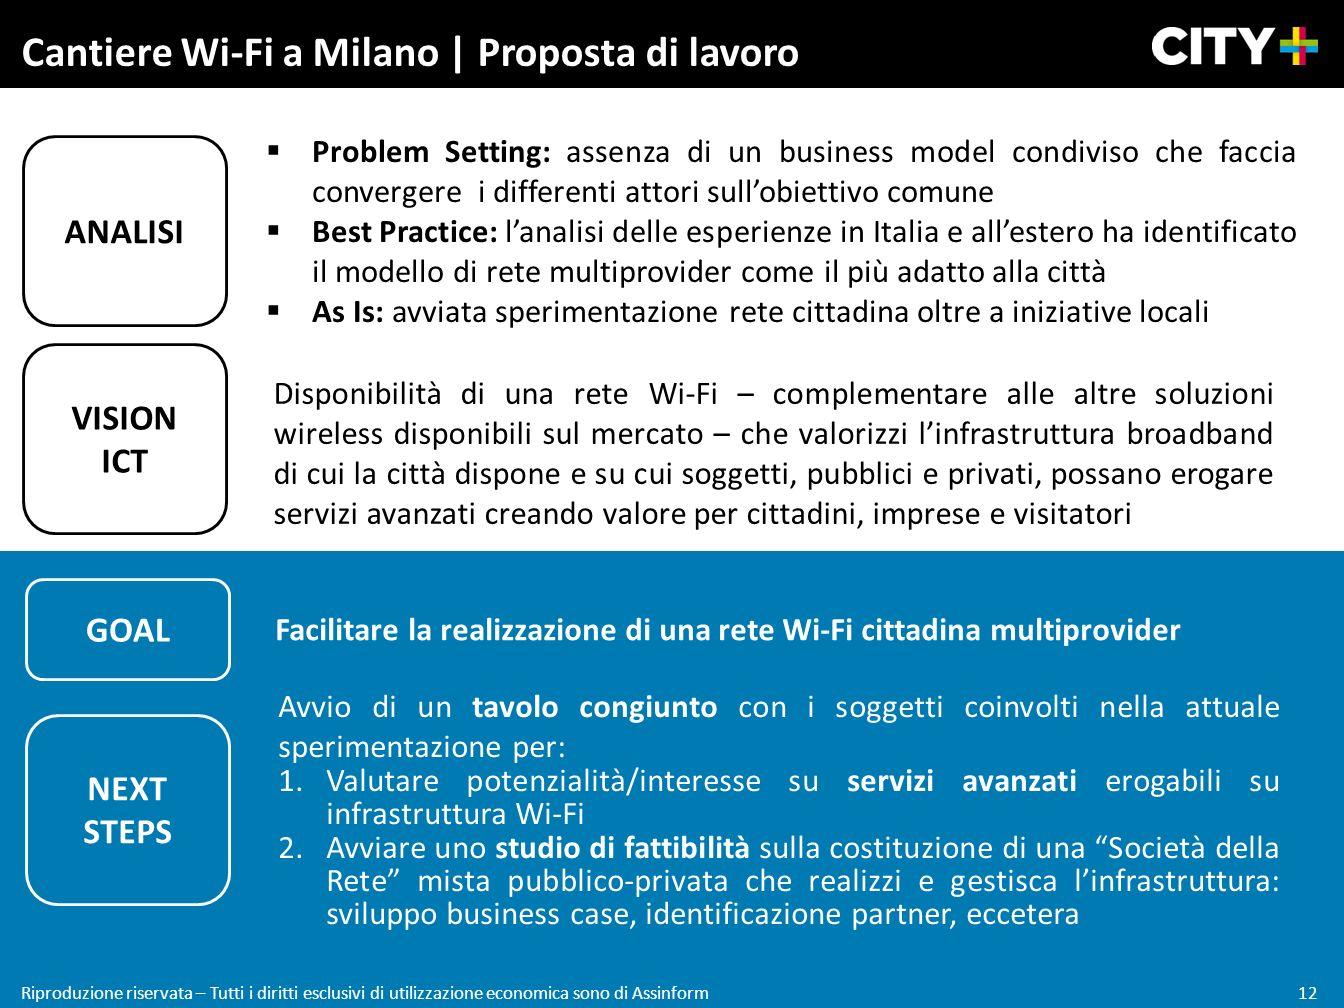 Cantiere Wi-Fi a Milano | Proposta di lavoro